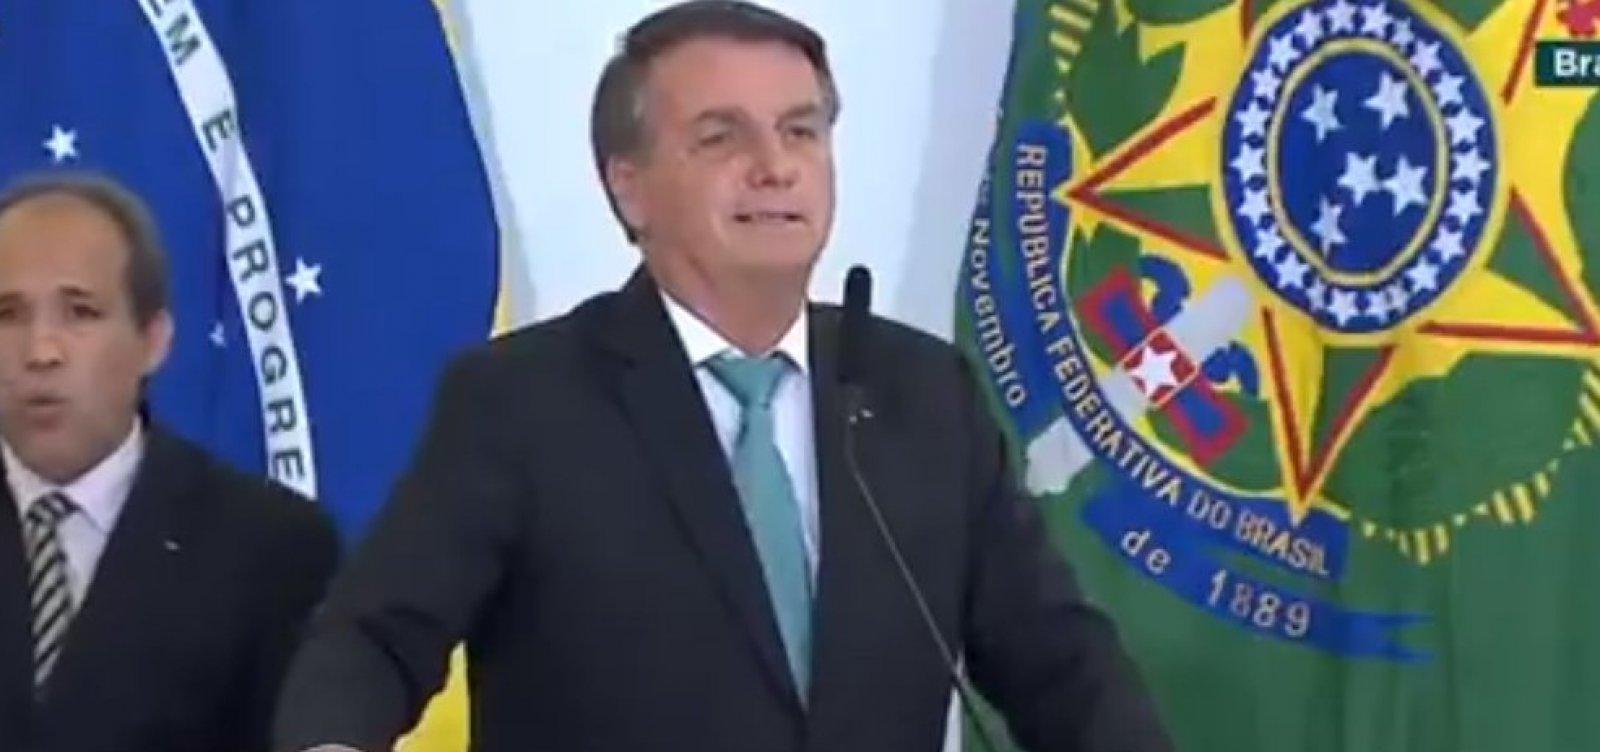 """""""Nada está tão ruim que não possa piorar"""", diz Bolsonaro sobre crise econômica"""